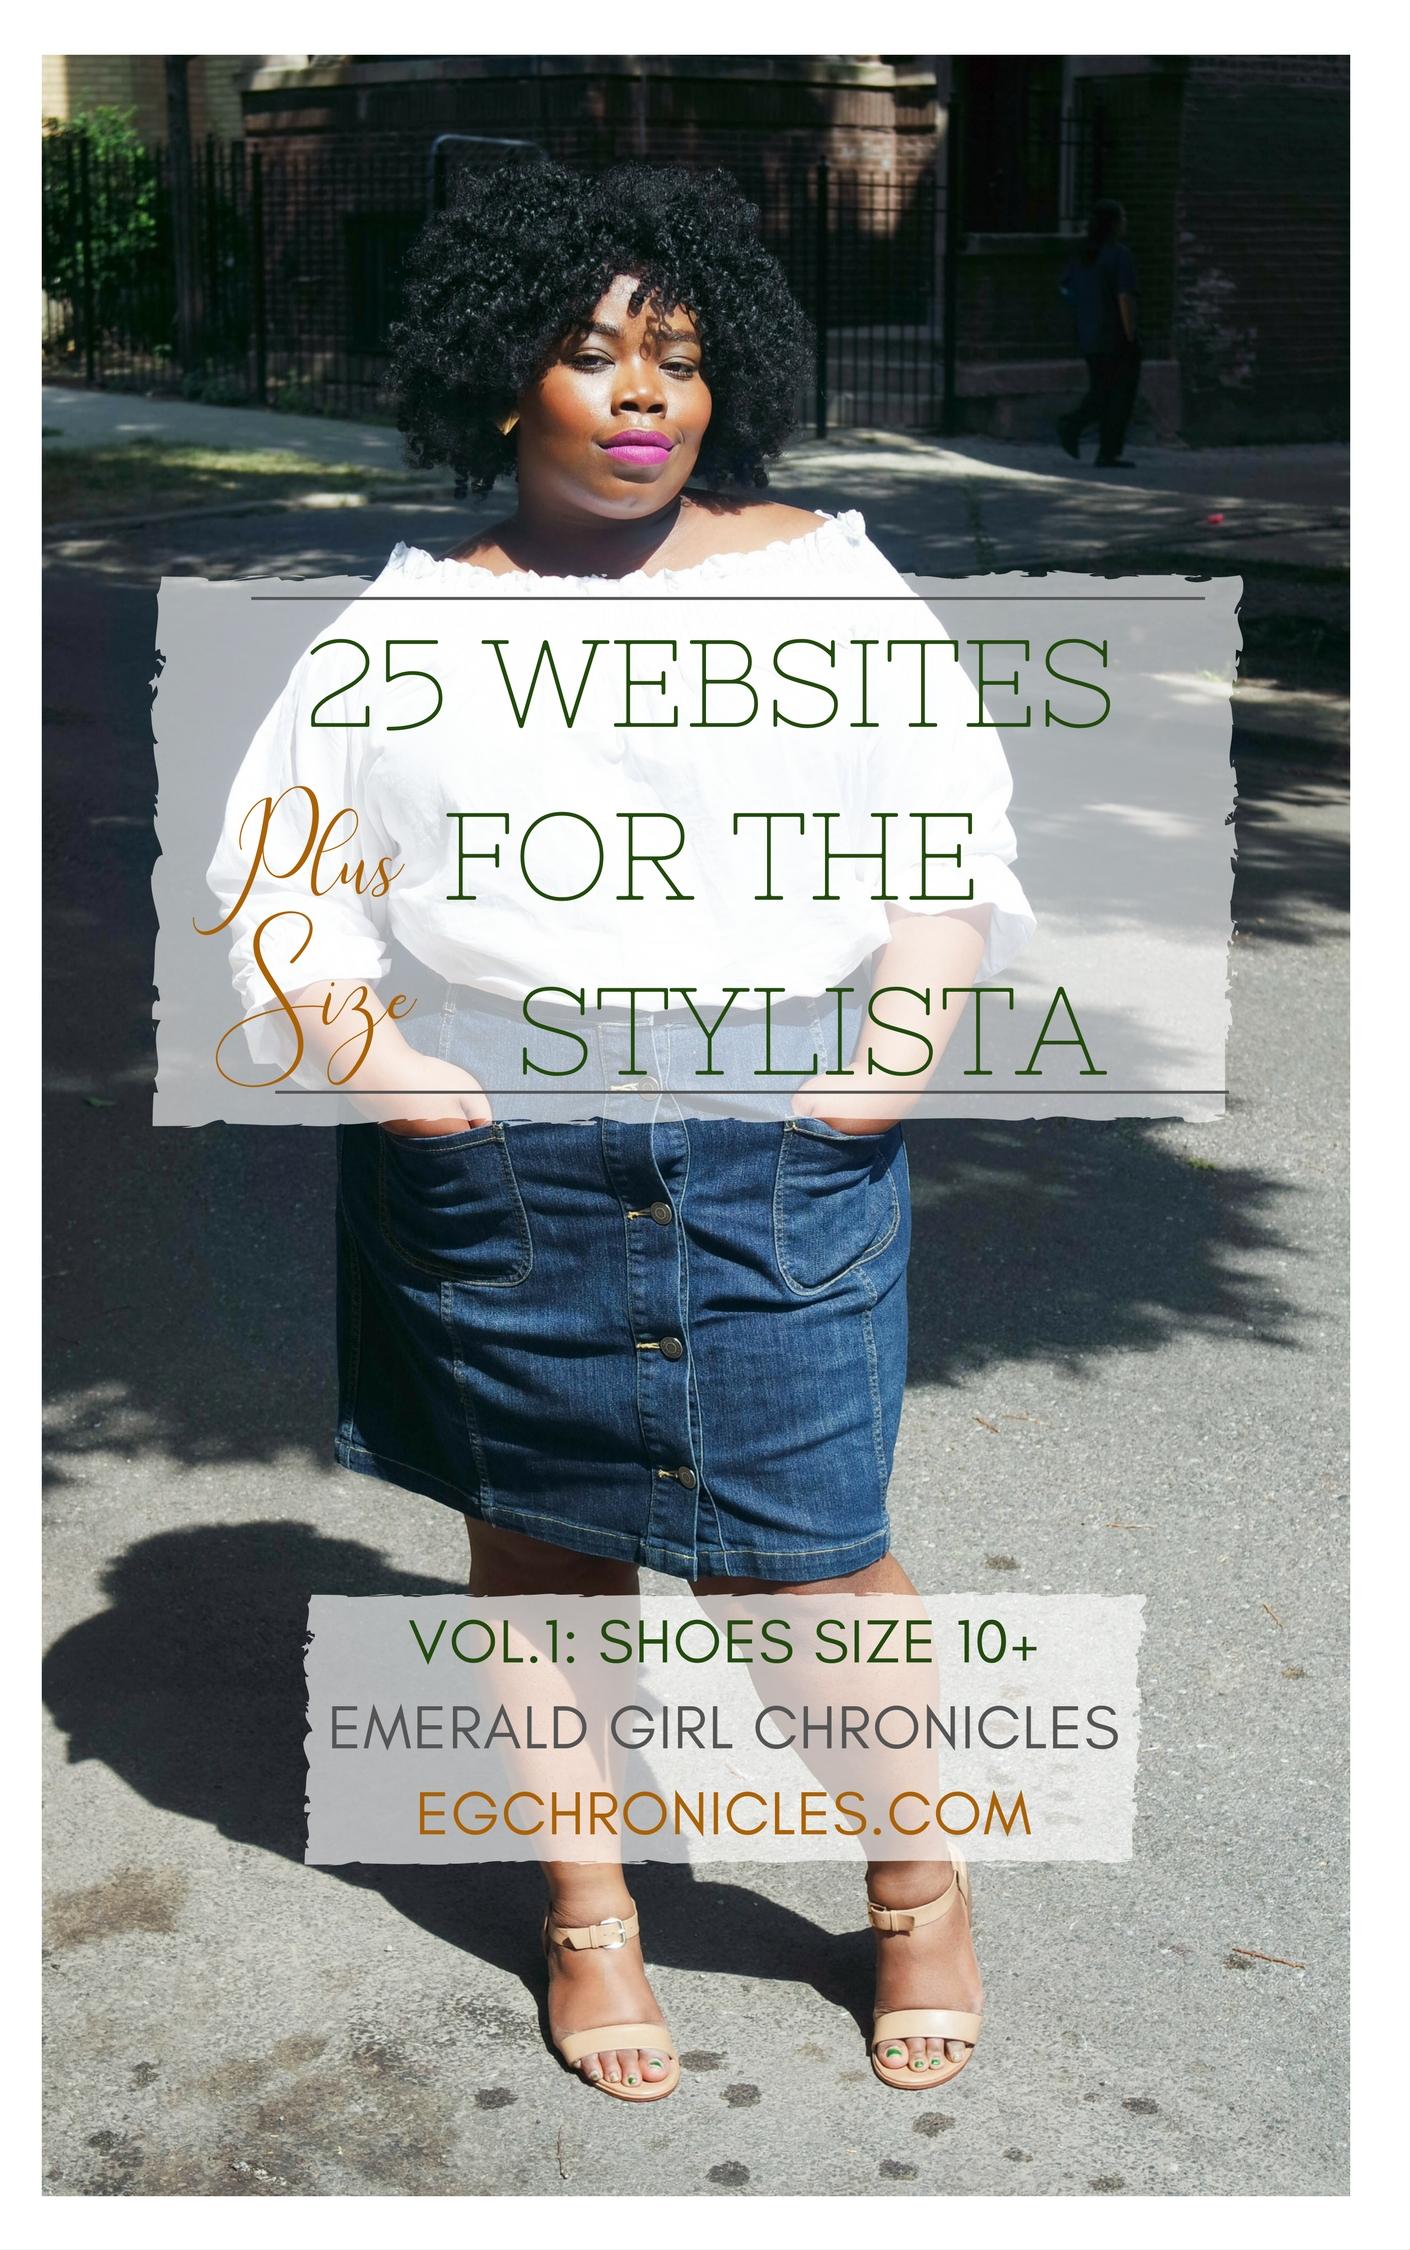 25 Plus Size Websites Vol.1 : Shoes Sz. 10+